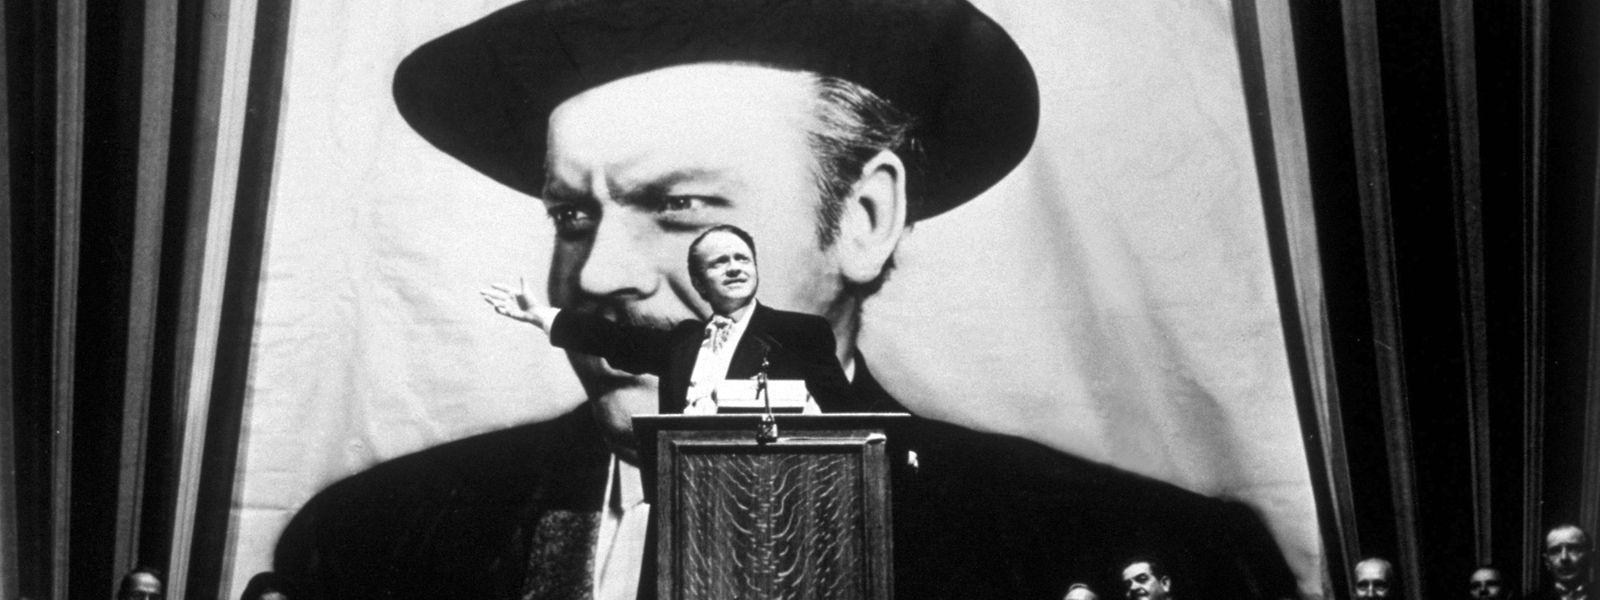 """Aufstieg und Fall eines Machtmenschen: Orson Welles in der Hauptrolle seines Films """"Citizen Kane"""", der 2011 zum besten US-amerikanischen Film aller Zeiten gewählt wurde."""